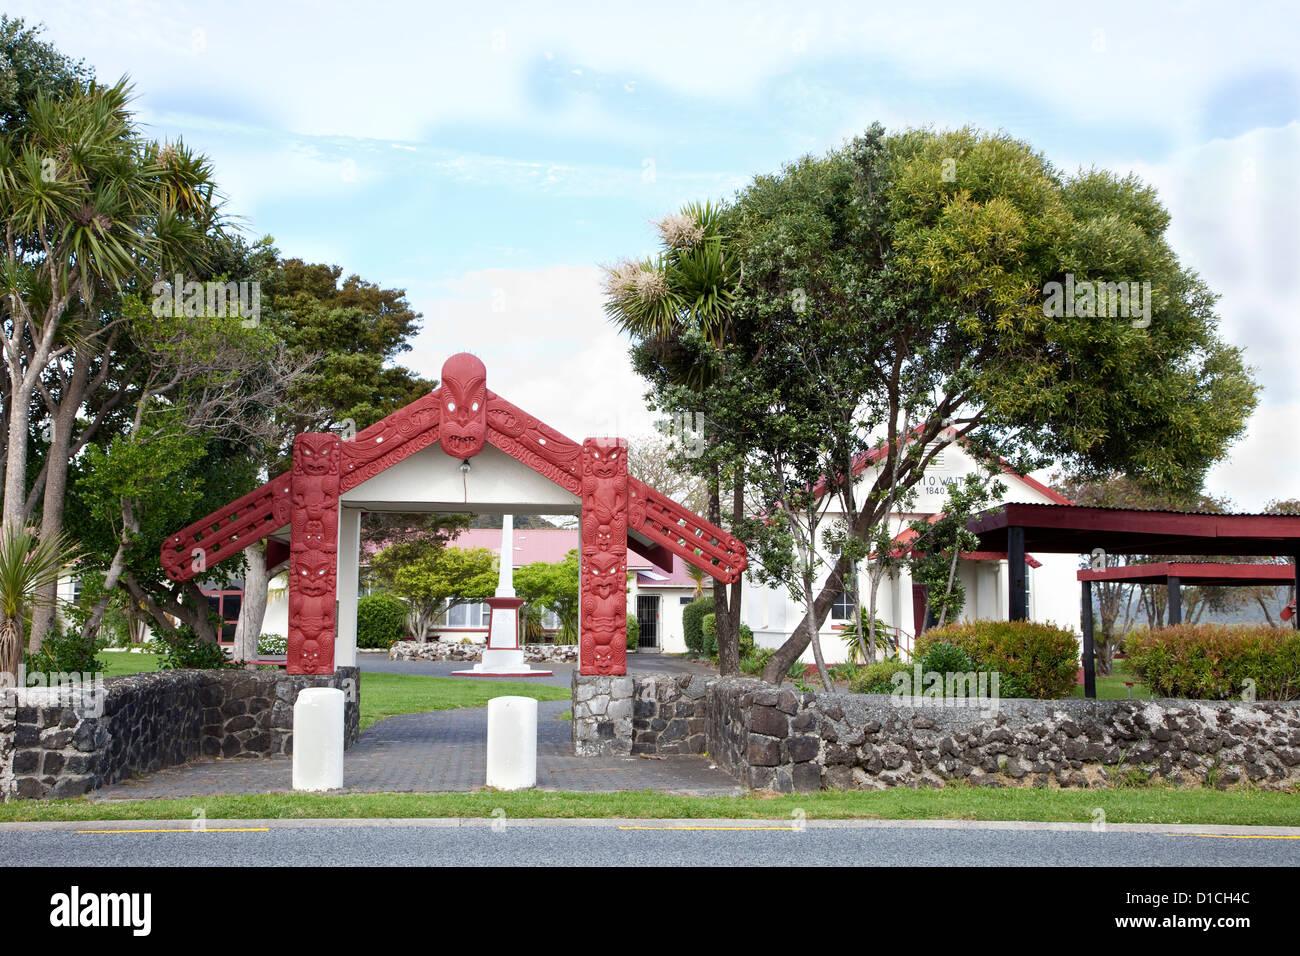 Entrance to Maori Te Tiriti o Waitangi Meeting House, erected 1964. Paihia, north island, New Zealand. - Stock Image